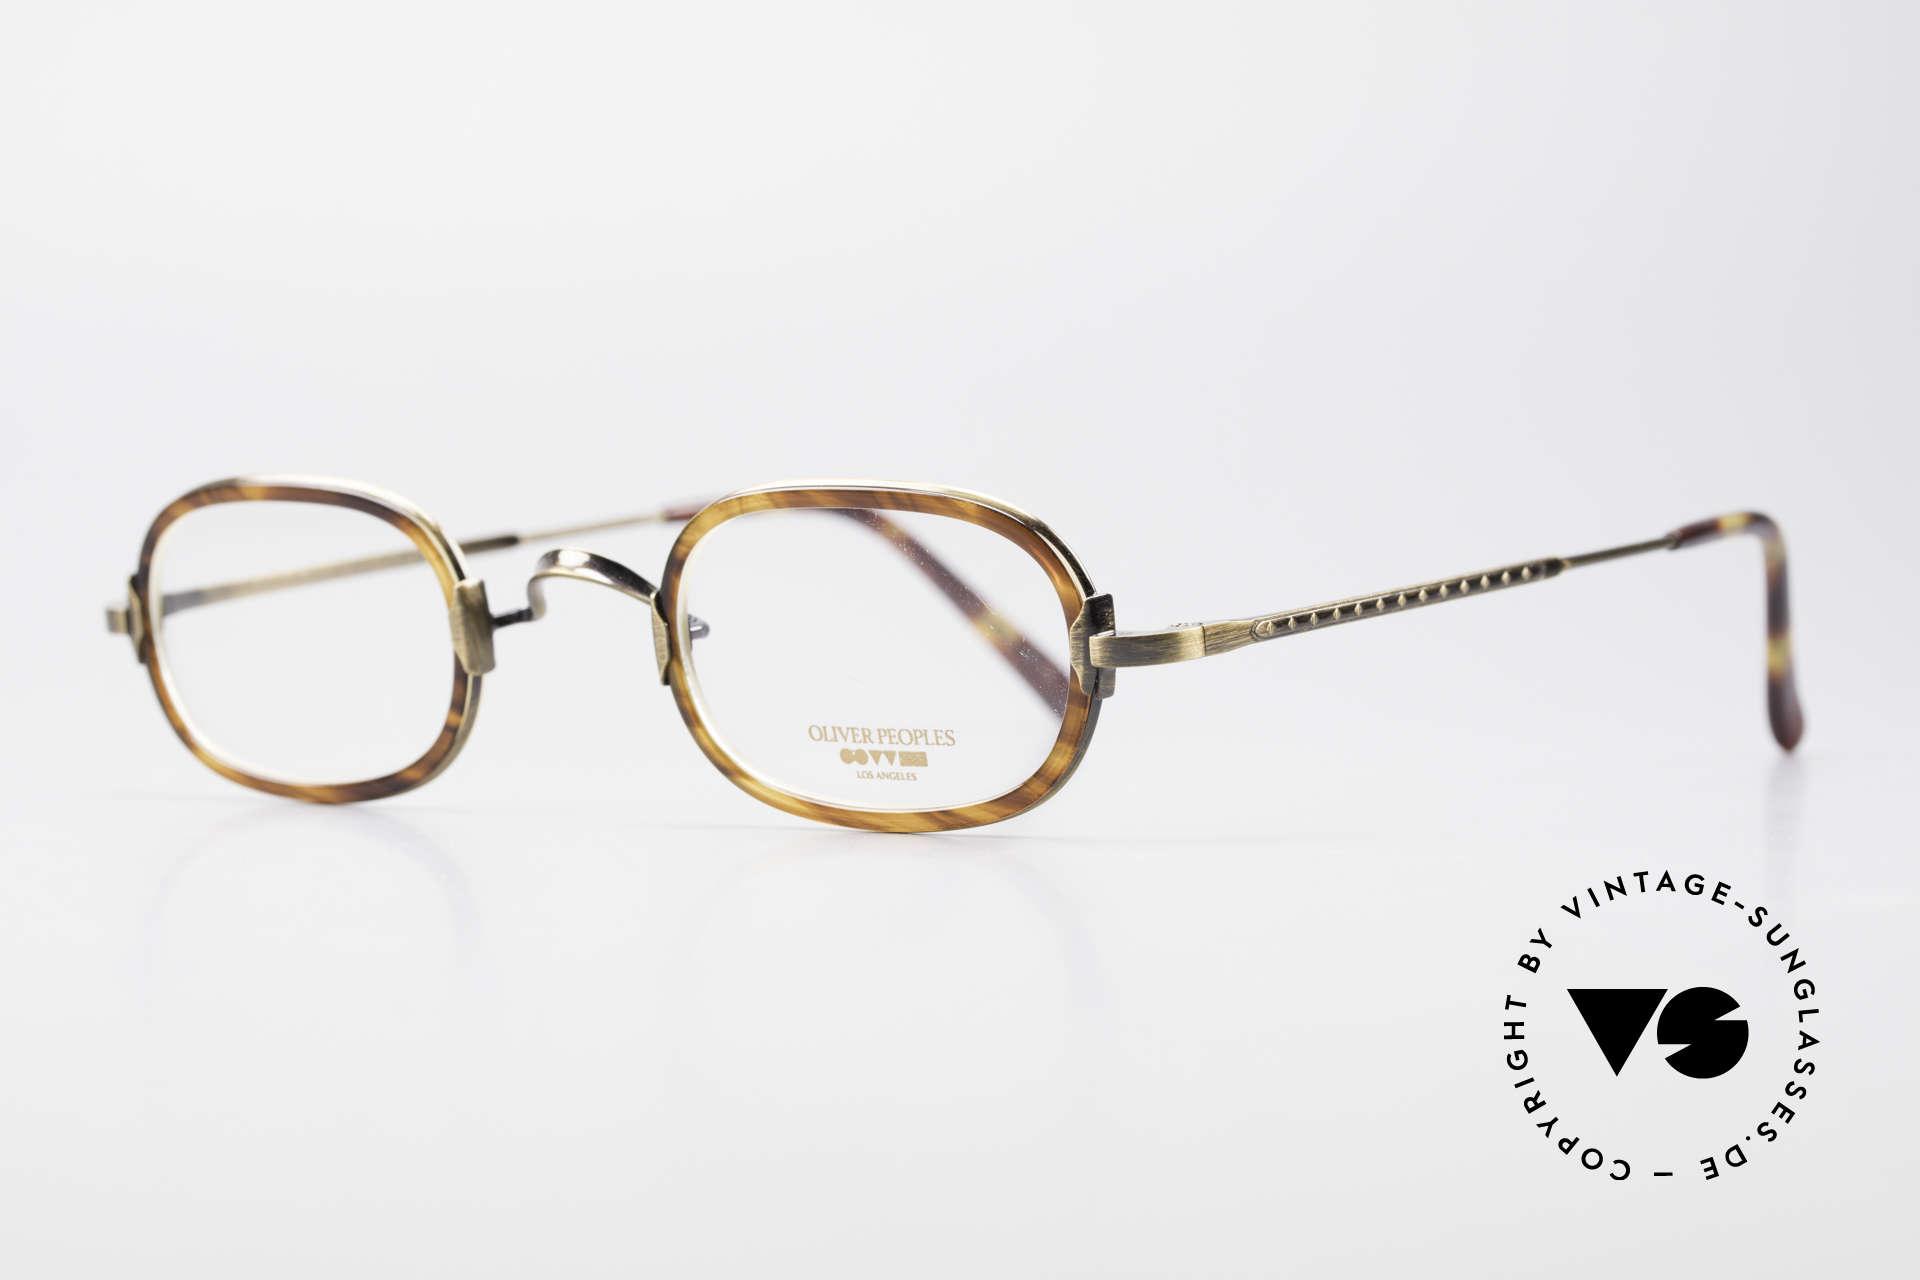 Oliver Peoples Fred Vintage Designer Frame Oval, interesting vintage model; timeless in coloring & form, Made for Men and Women